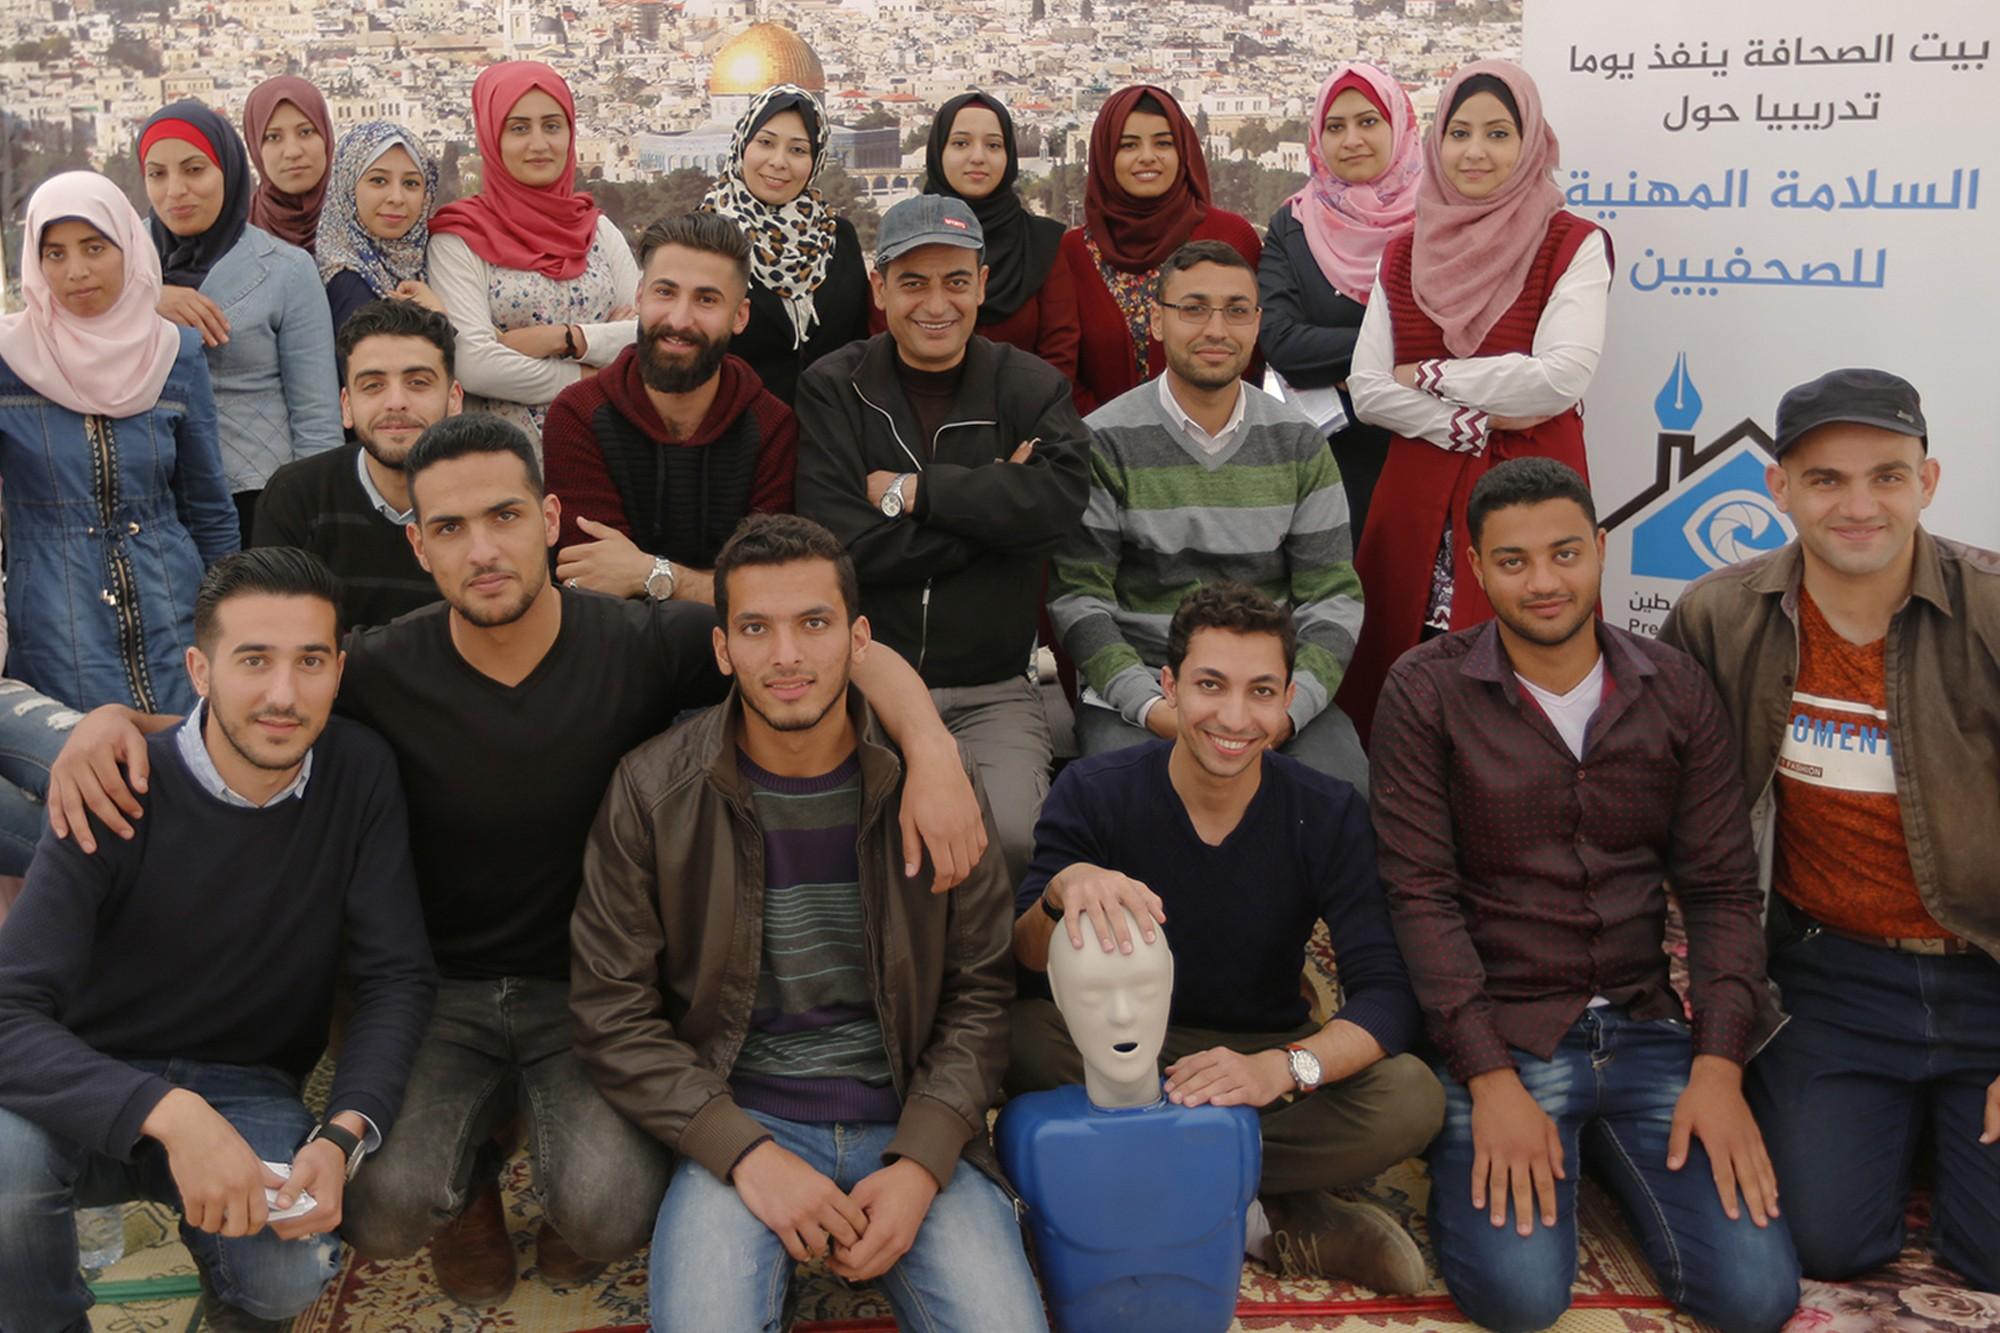 بيت الصحافة ينفذ مبادرة إعلامية في السلامة المهنية